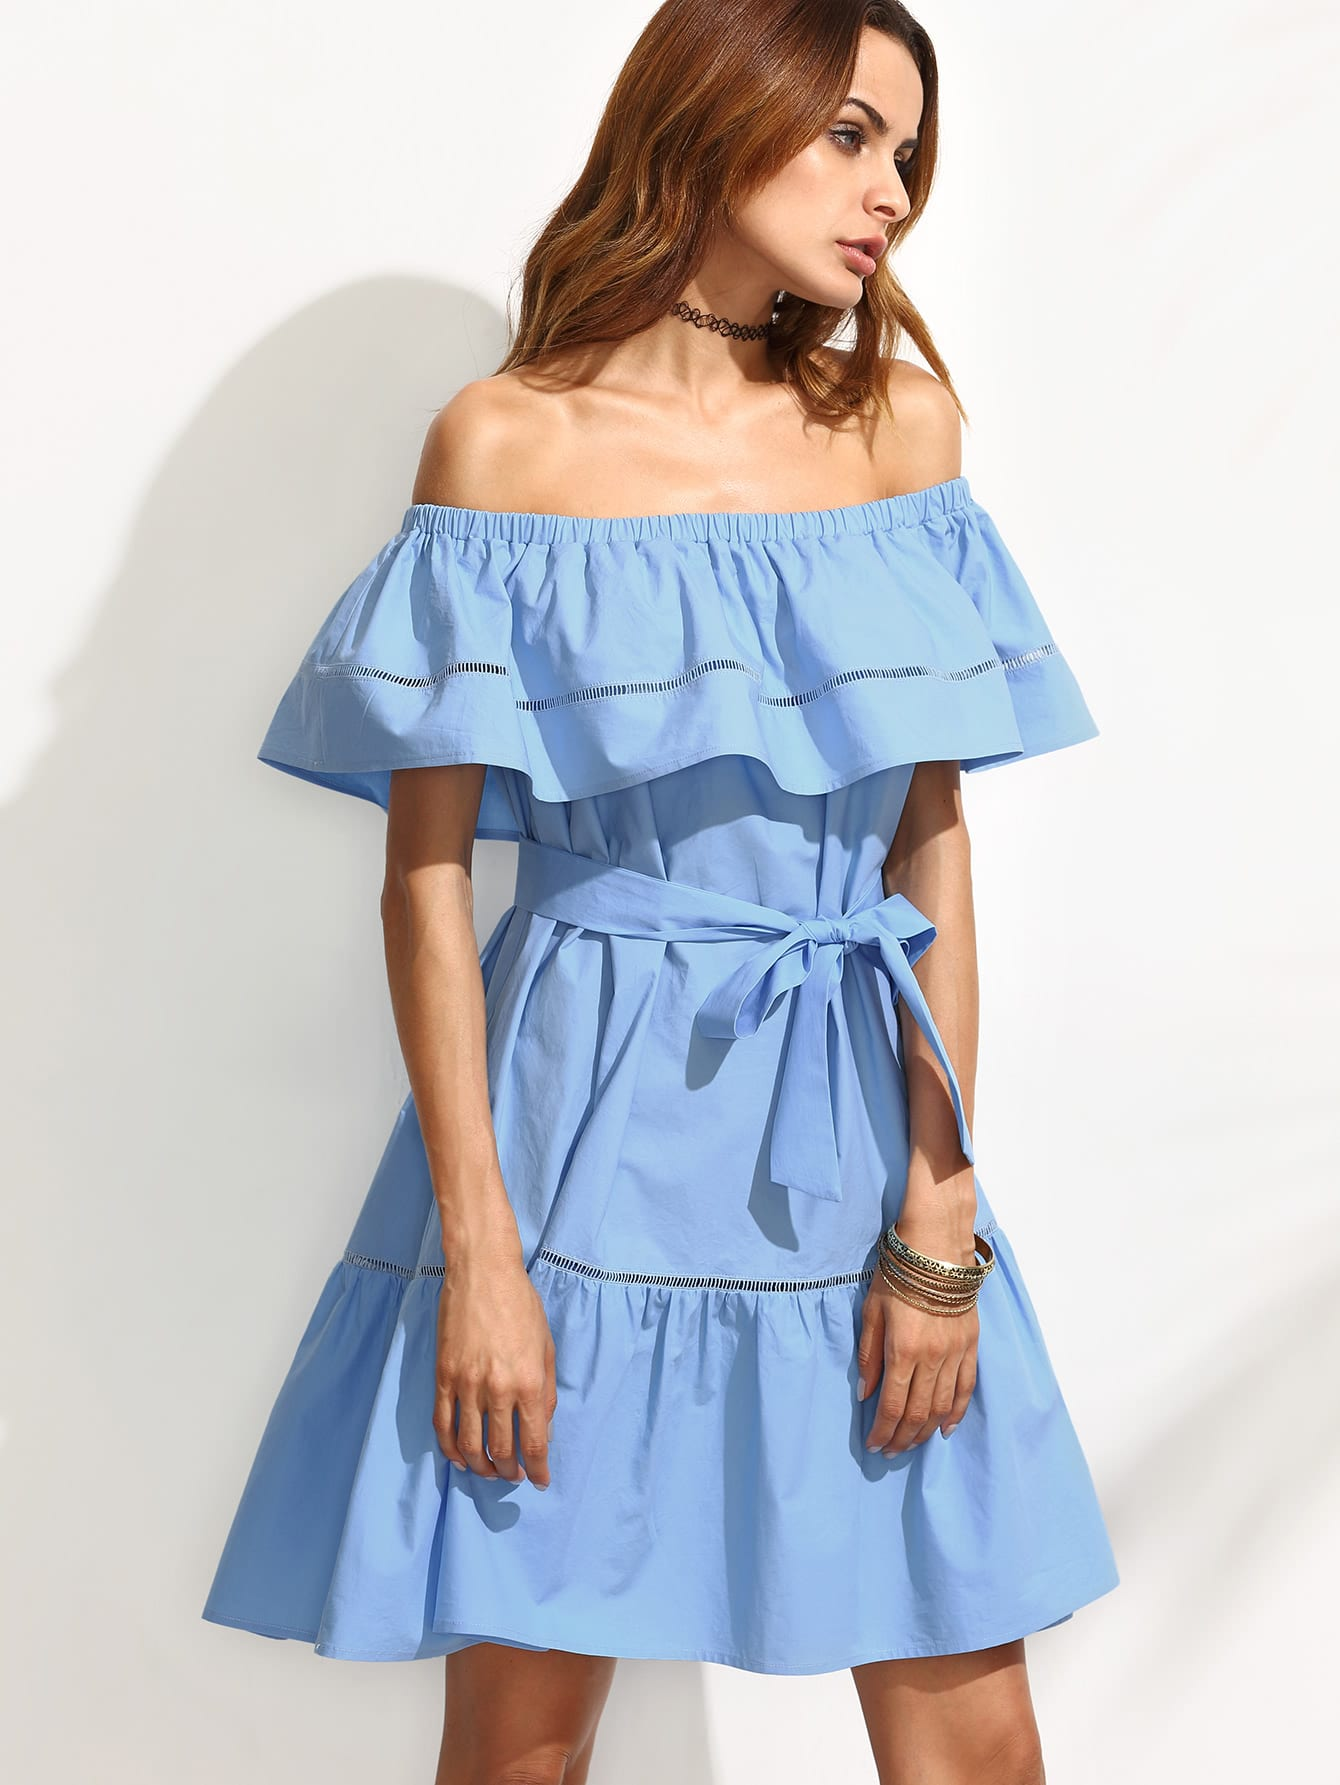 c1dd04a324 Flounce Layered Neckline Tie Waist Hollow Insert Ruffle Hem Dress